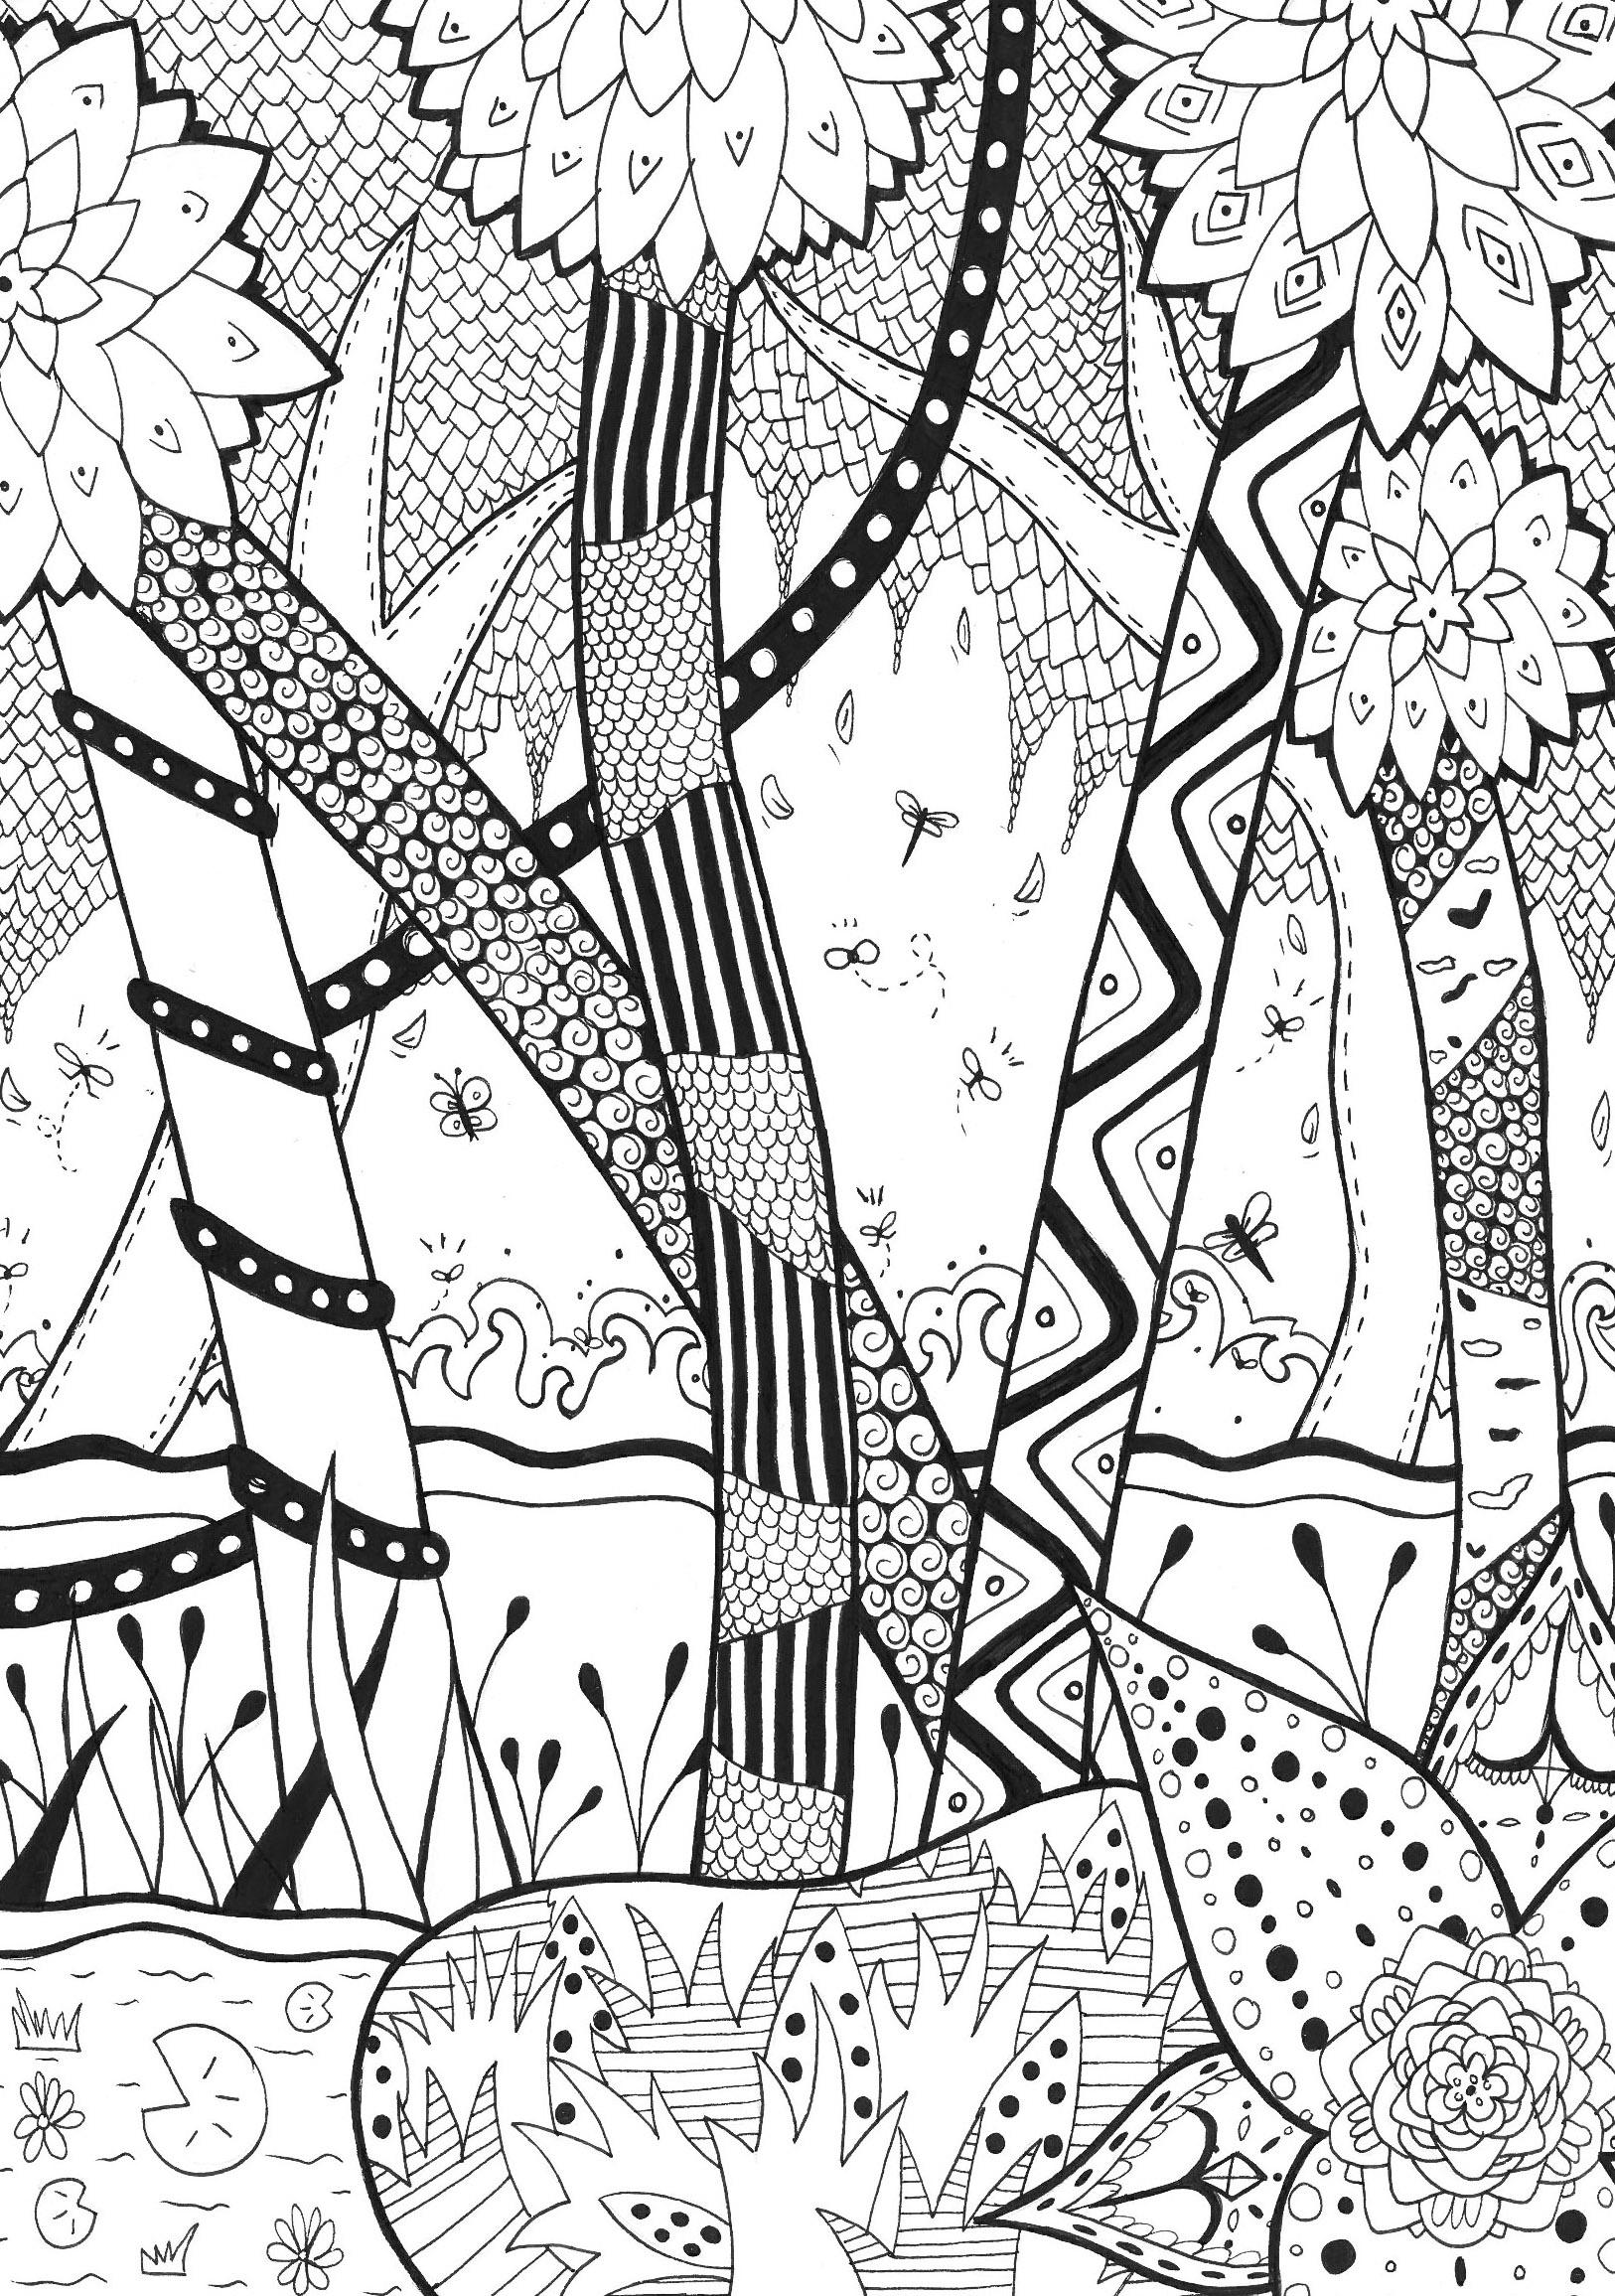 Disegni da colorare per adulti : Zentangle - 63